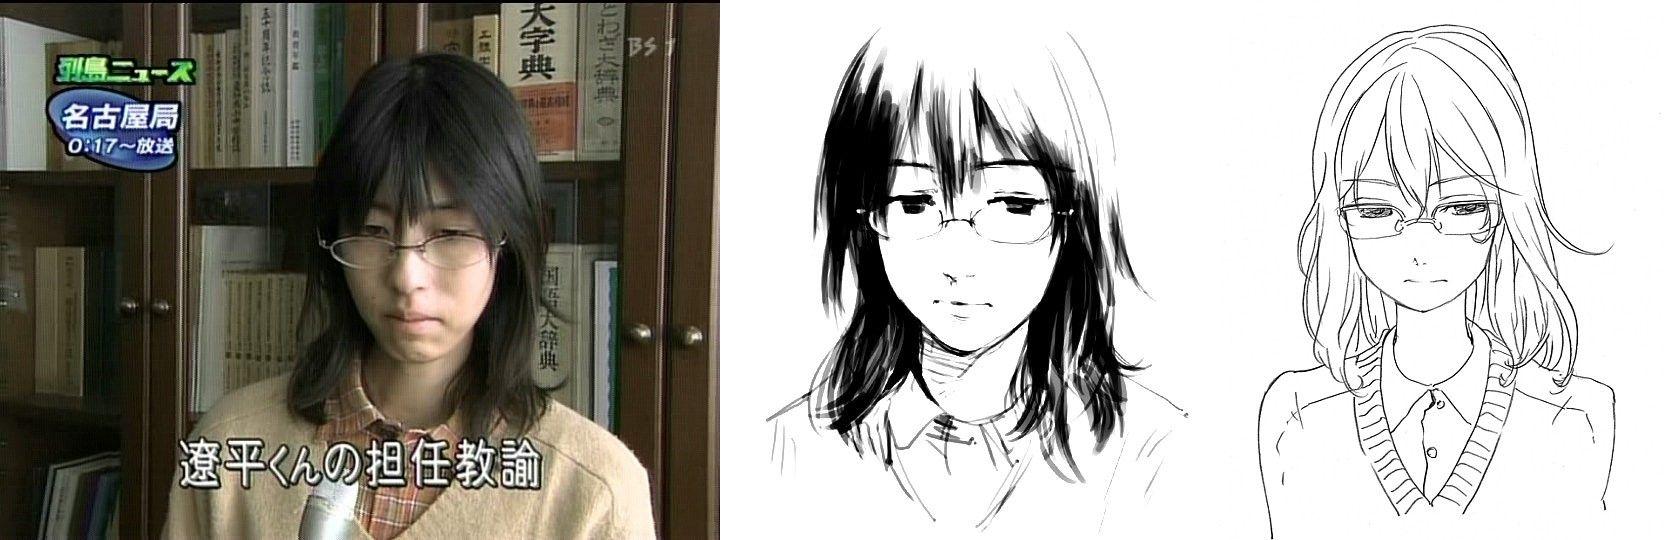 Mangan tarkoitus on tehdä todellisuudesta paremman näköistä ja saattaa lukijansa elämään haavemaailmoissa